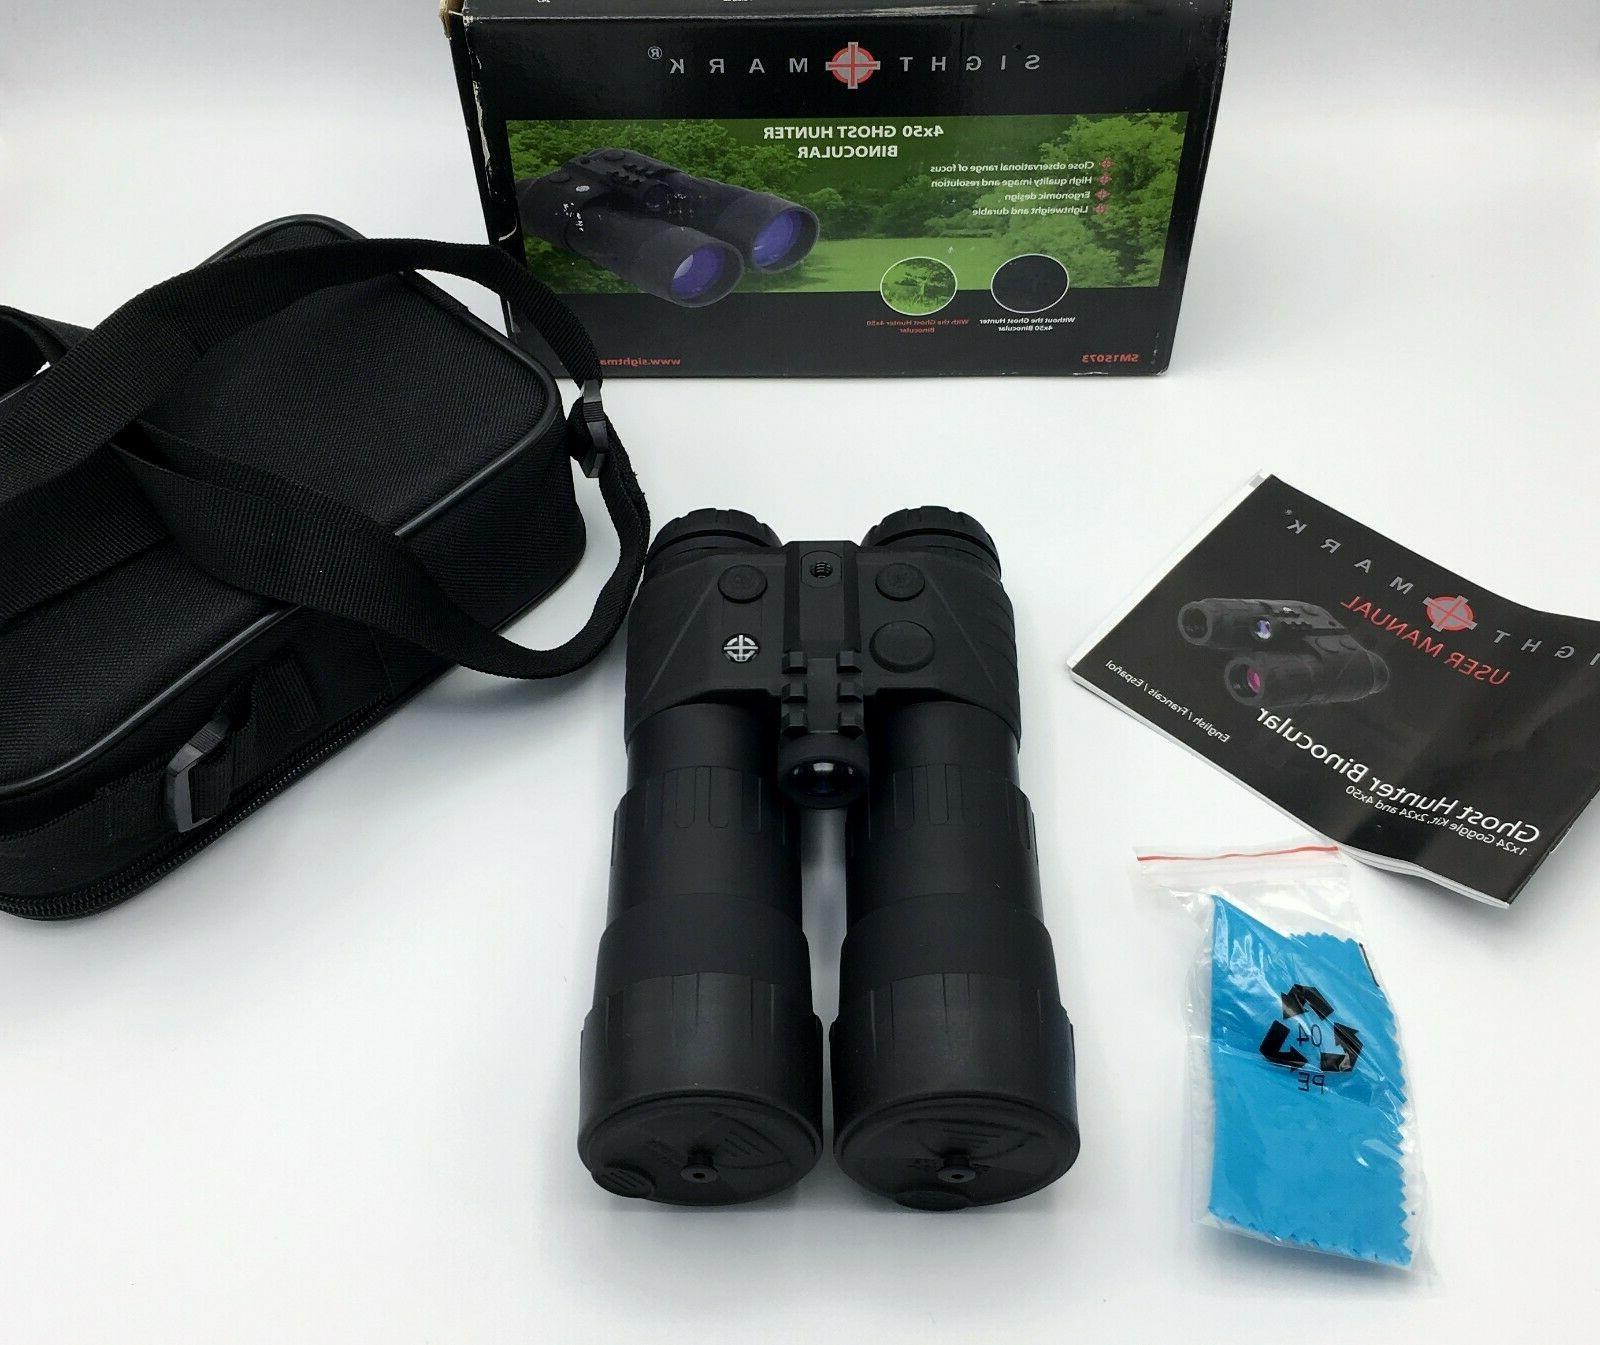 sm15073 ghost hunter 4x50 nv night vision